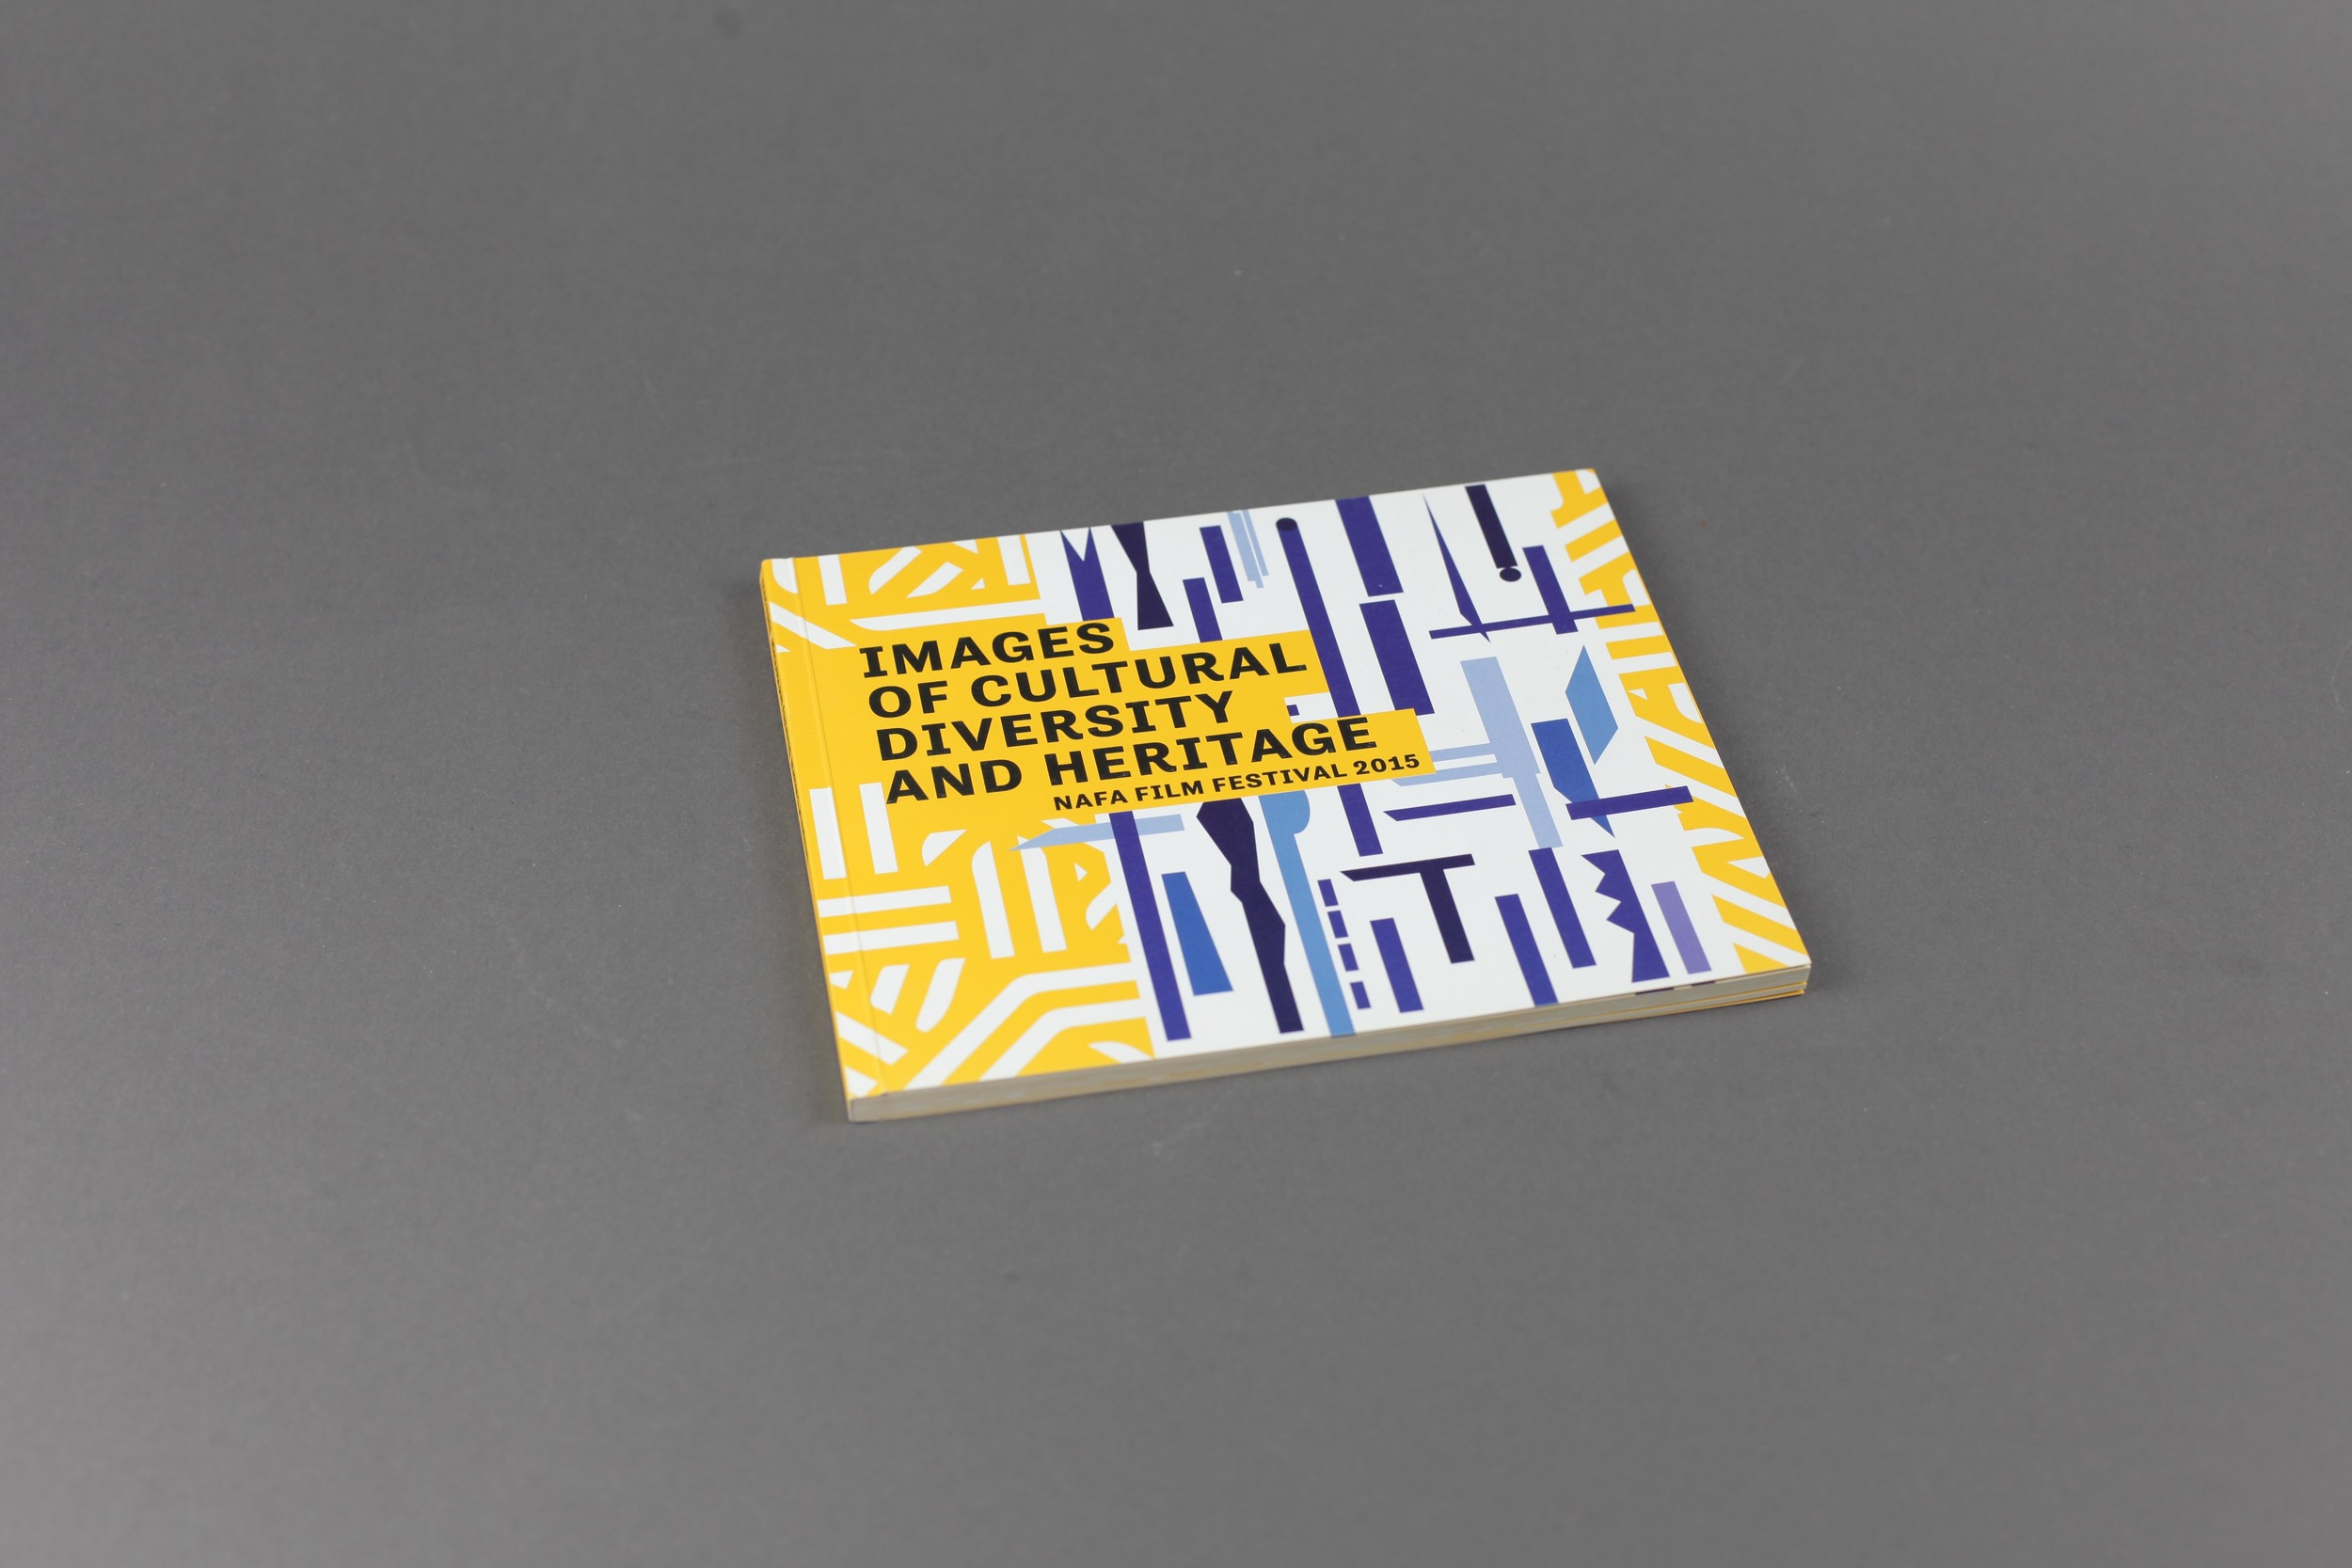 Event catalogue